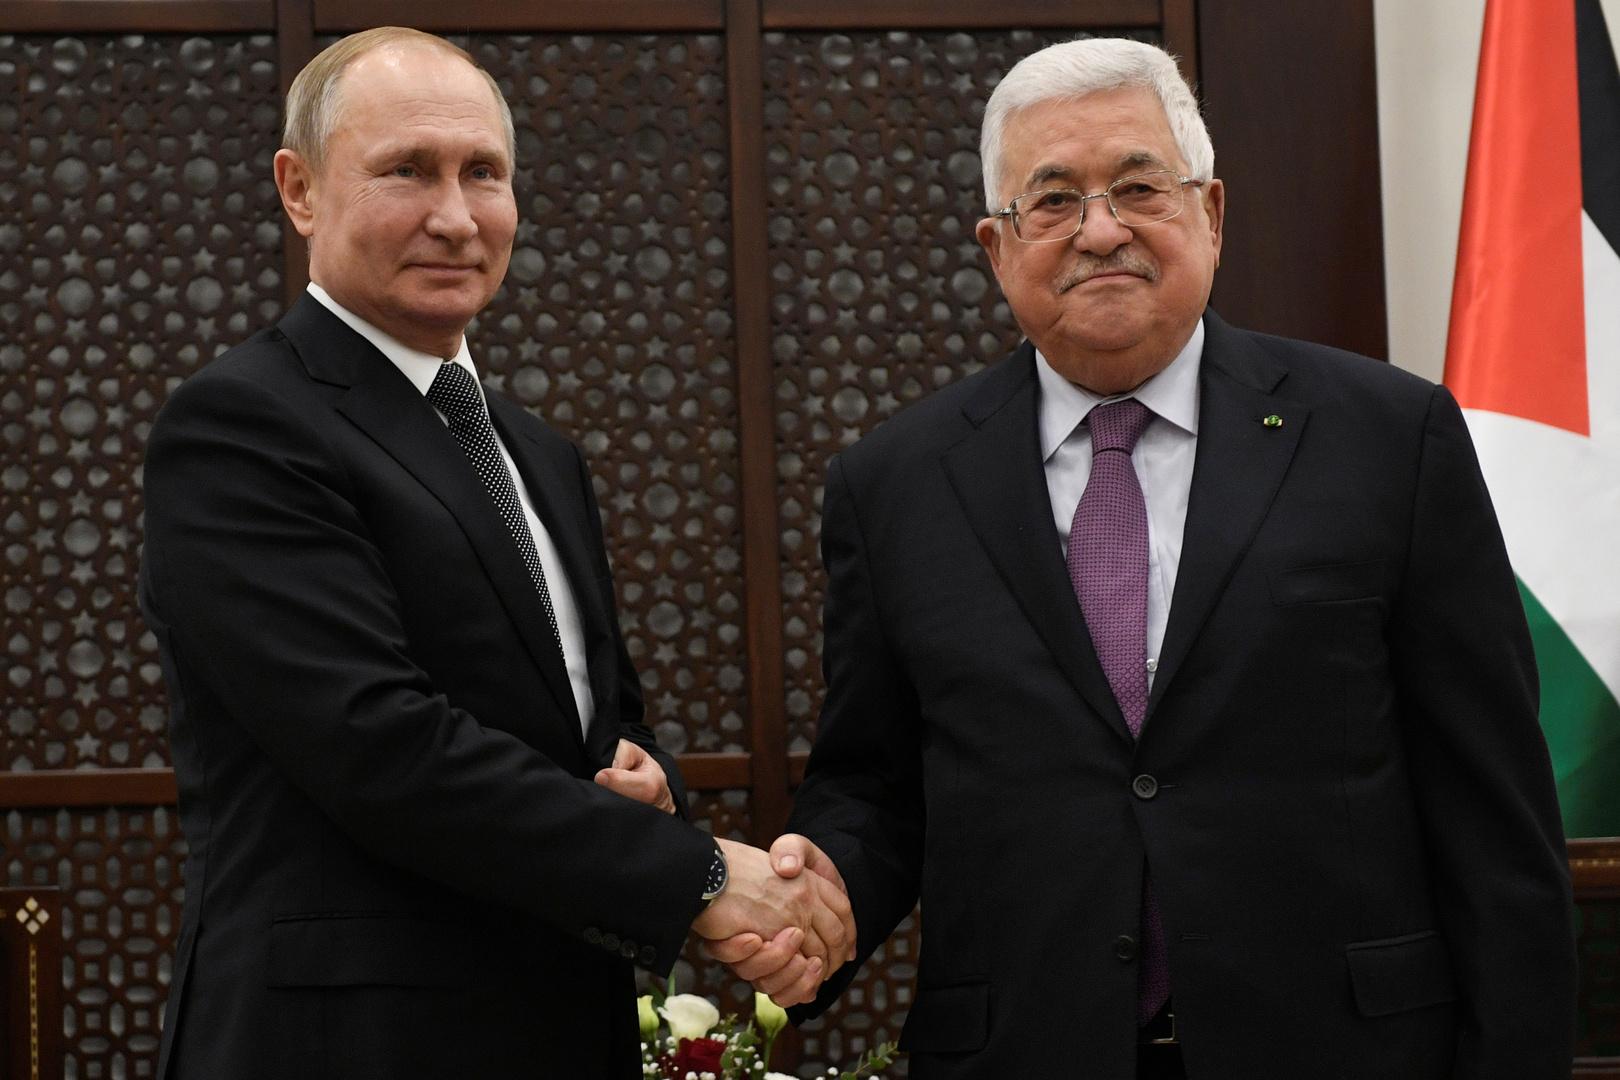 الرئيس الفلسطيني يصل القاهرة للقاء نظيره المصري